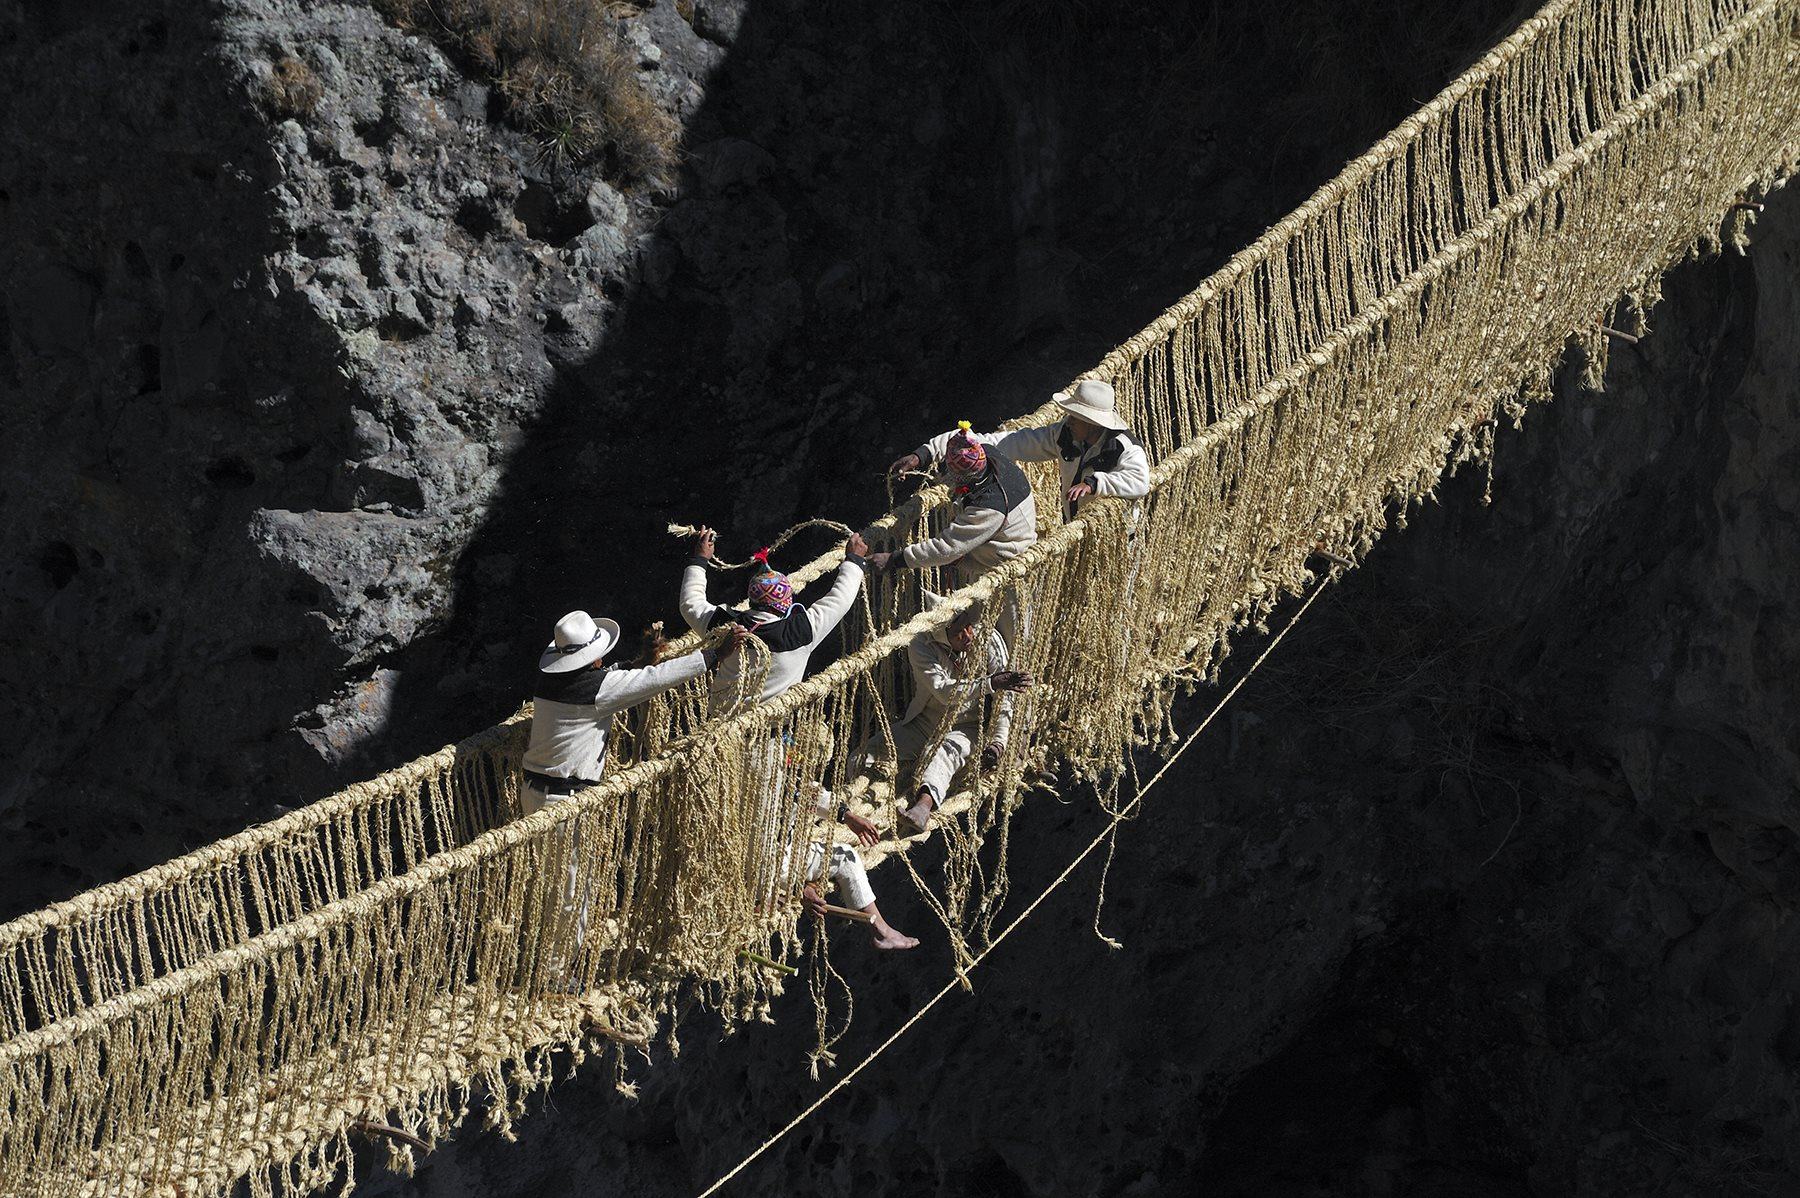 El Q'eswachaka («puente de cuerda» en quechua), suspendido sobre un desfiladero del río Apurímac